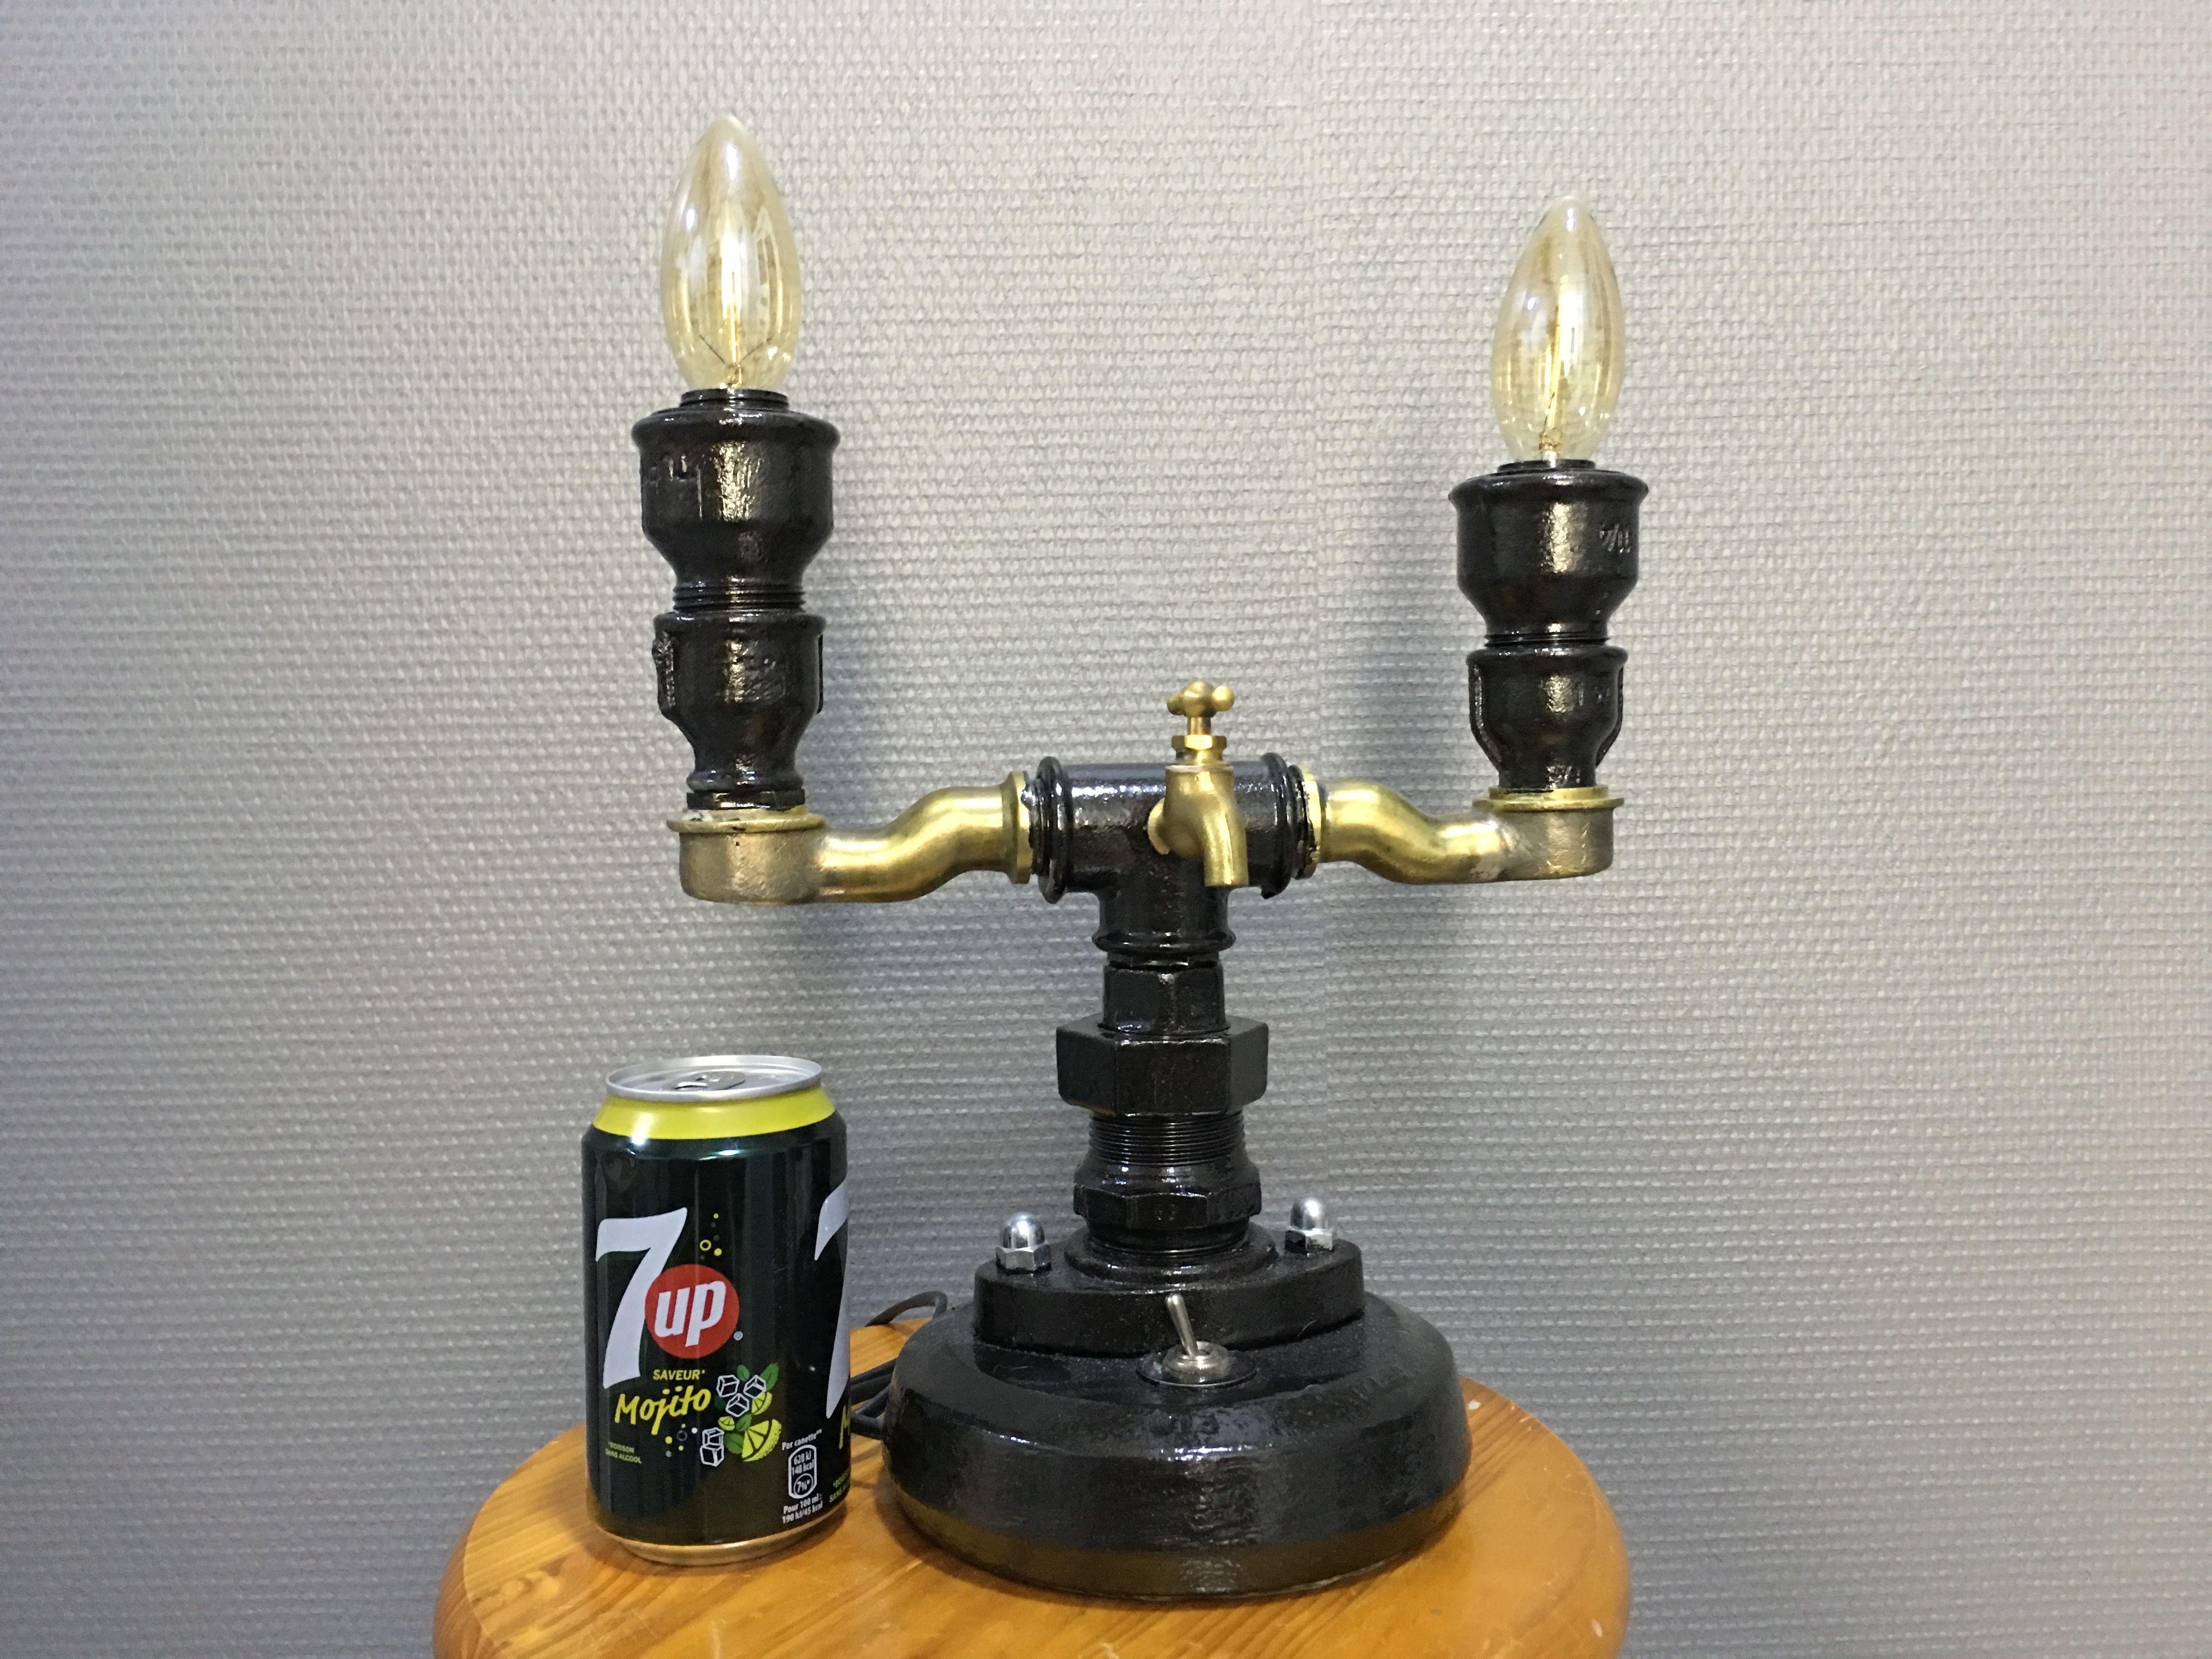 LAMPE originale pi¨ce unique style industriel 2 ampoules